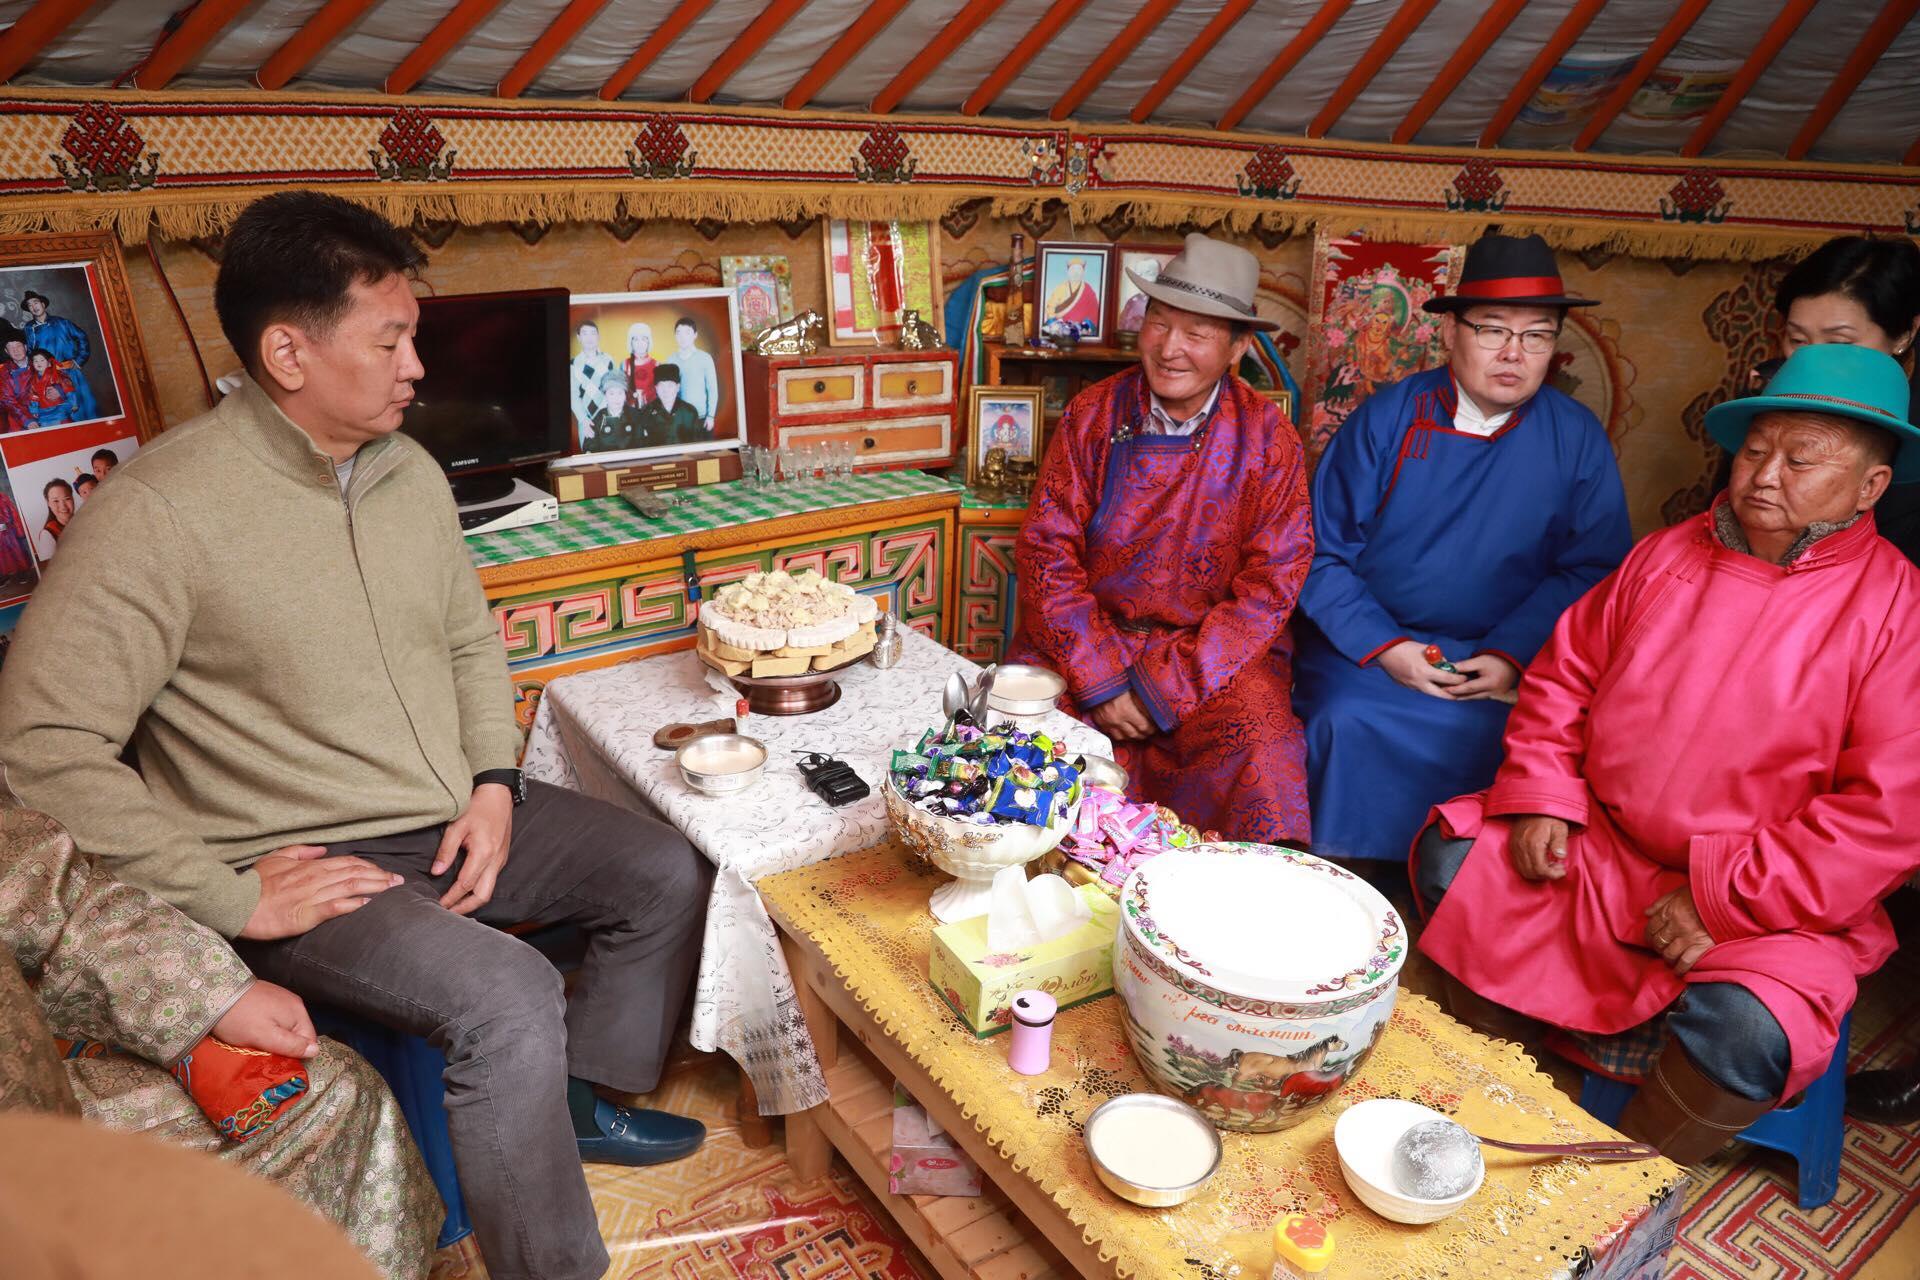 Ерөнхий сайд Баянхонгор аймгийн Өлзийт сумын малчин Д.Бямбадоржийнд зочиллоо